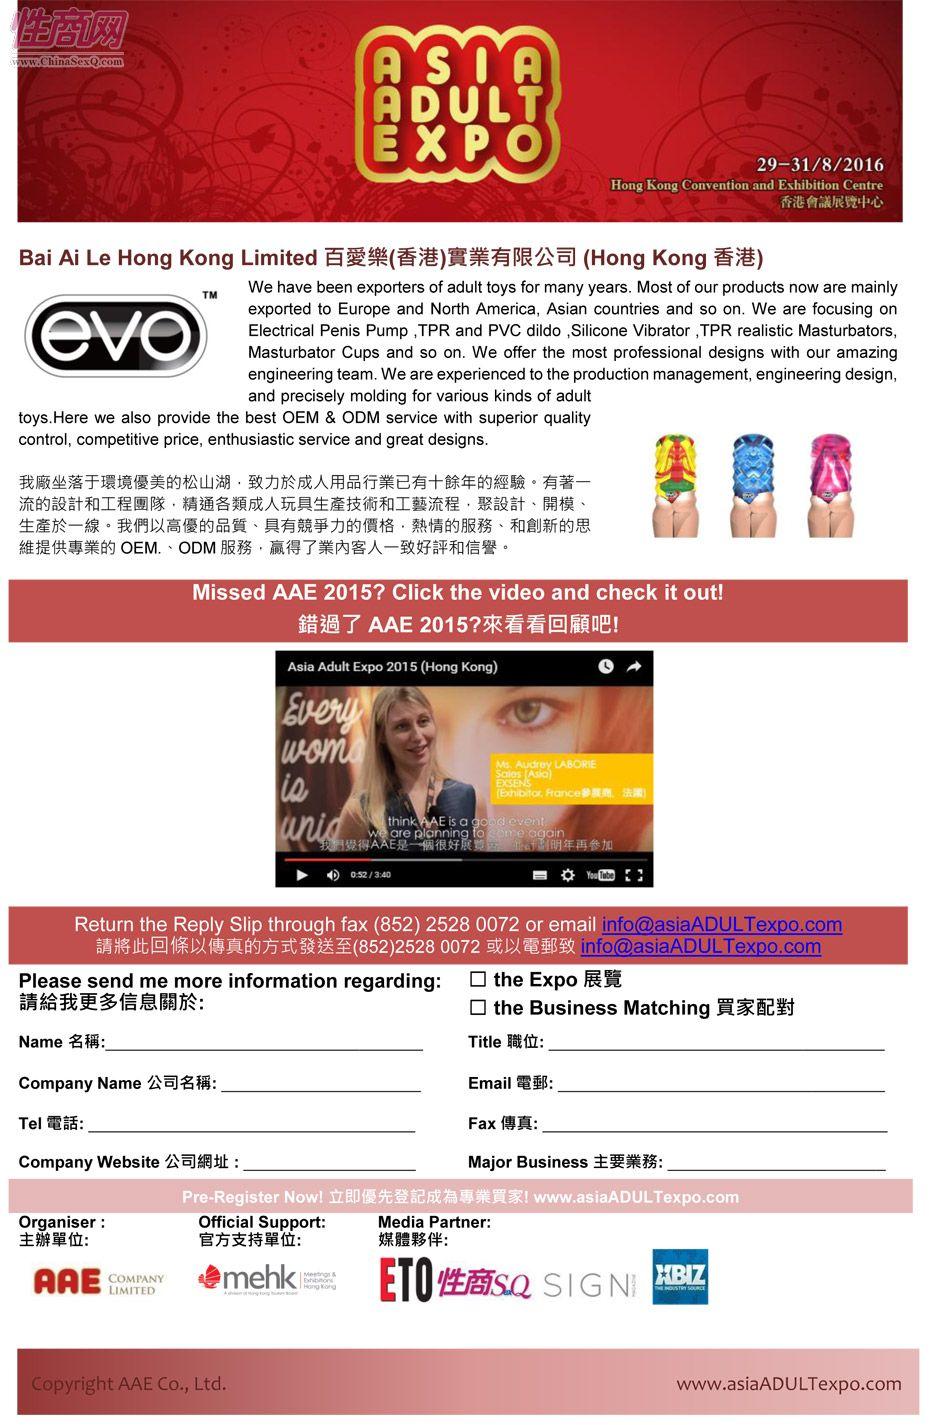 2016年亚洲成人博览AAE(香港)参展企业图片5